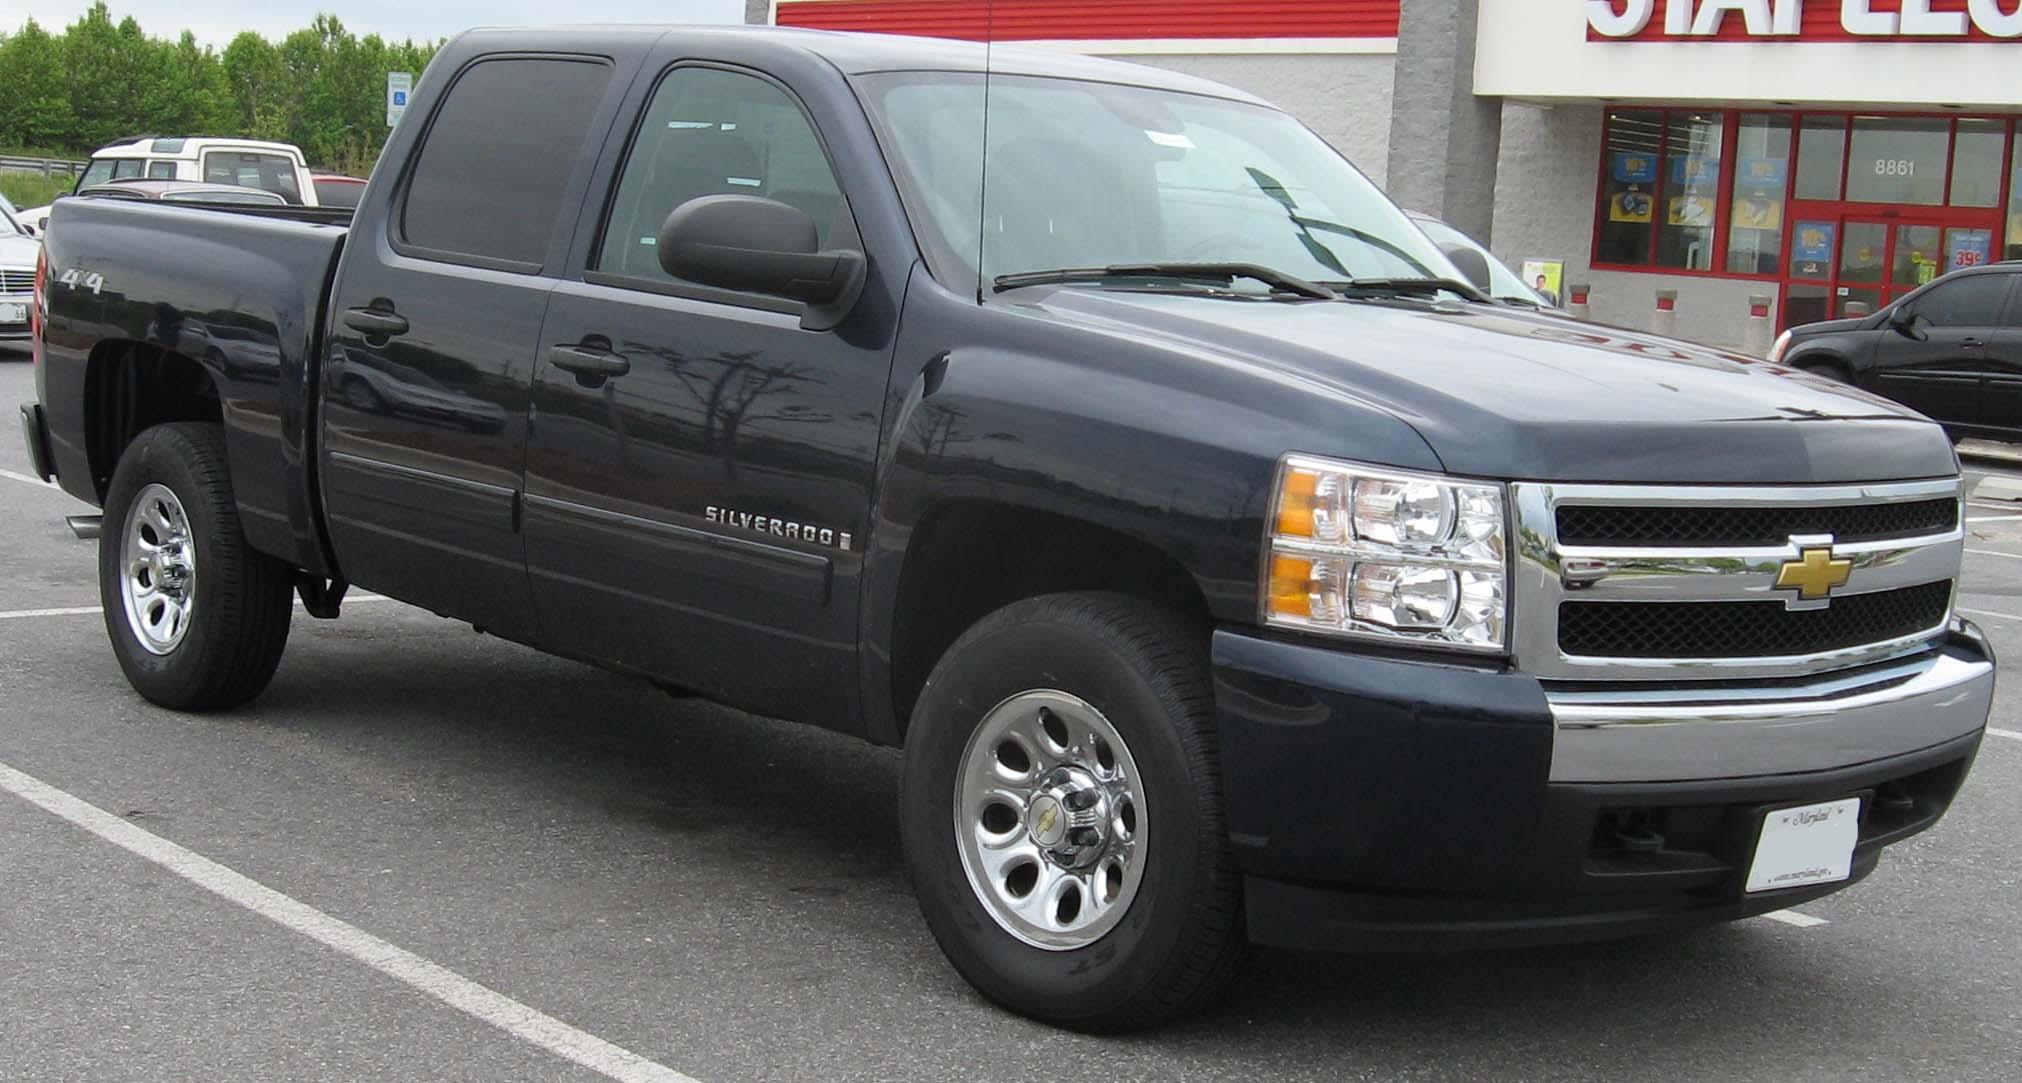 Chevrolet Silverado 2007 foto - 1